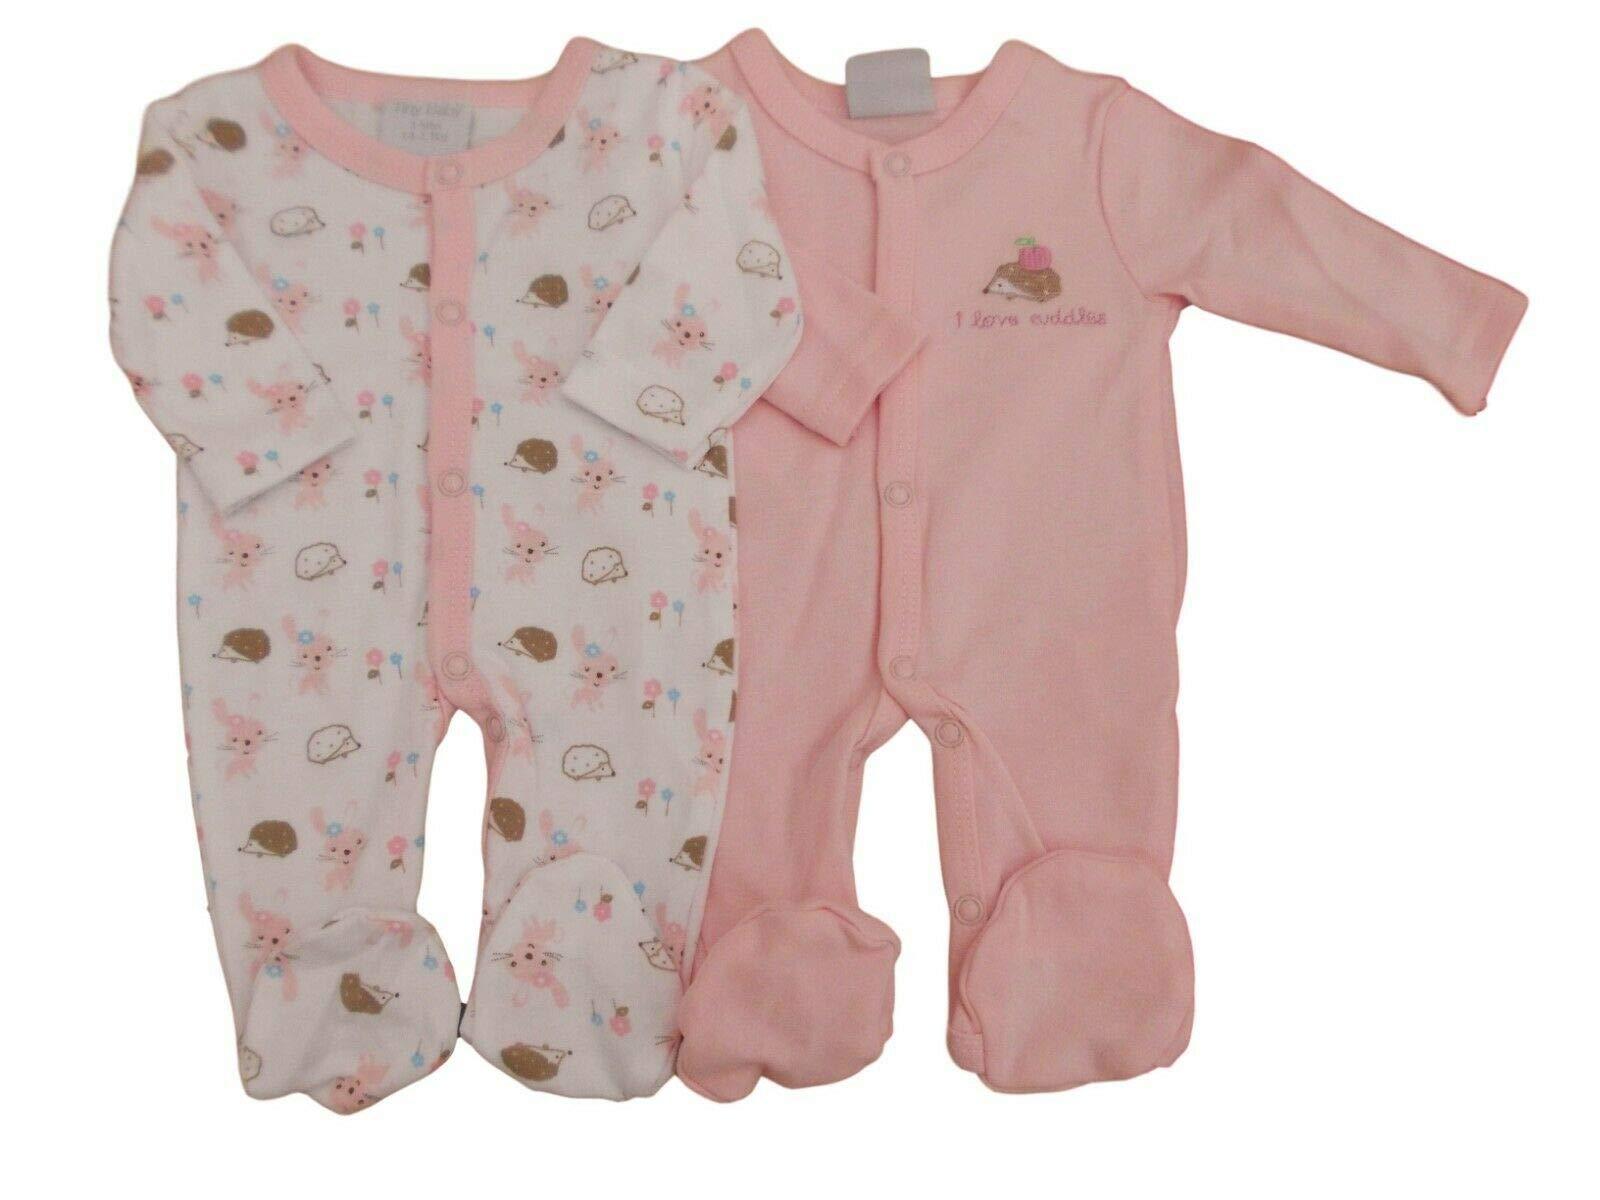 - Pack de 2 pijamas pequeños para bebé prematuro, de color rosa para niñas con texto en inglés «I Love Cuddles» 1